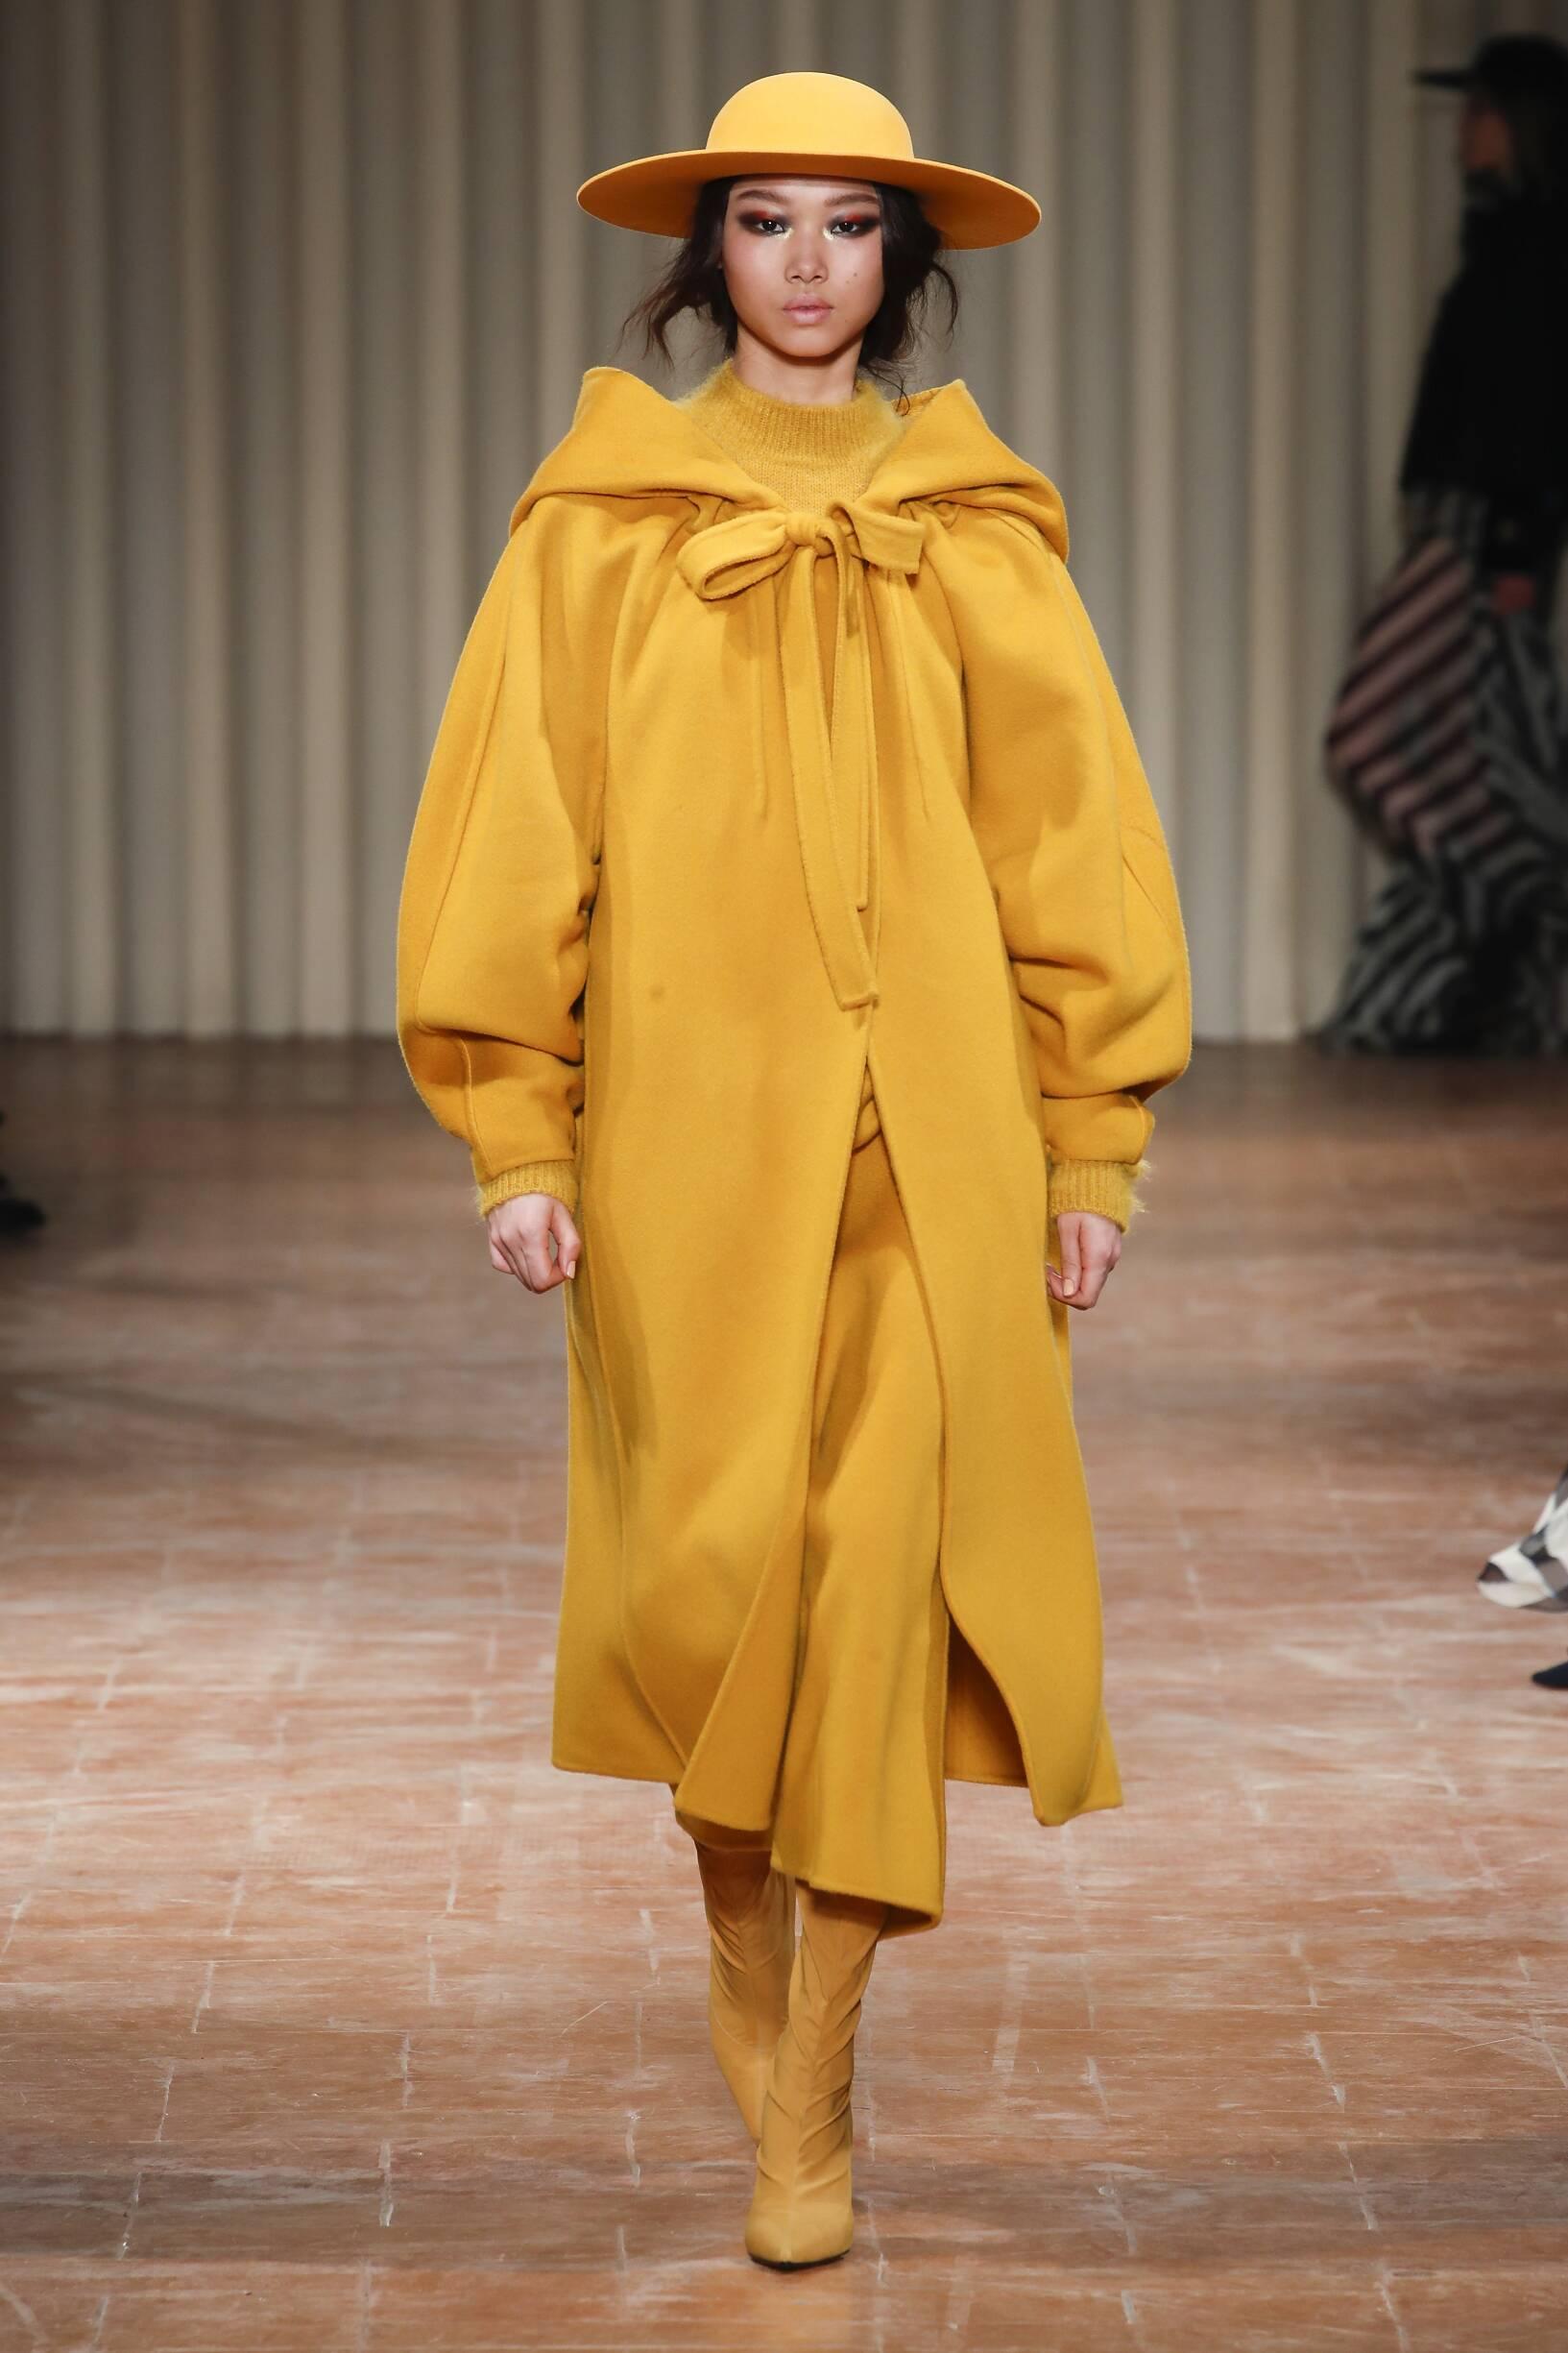 Alberta Ferretti Woman Catwalk